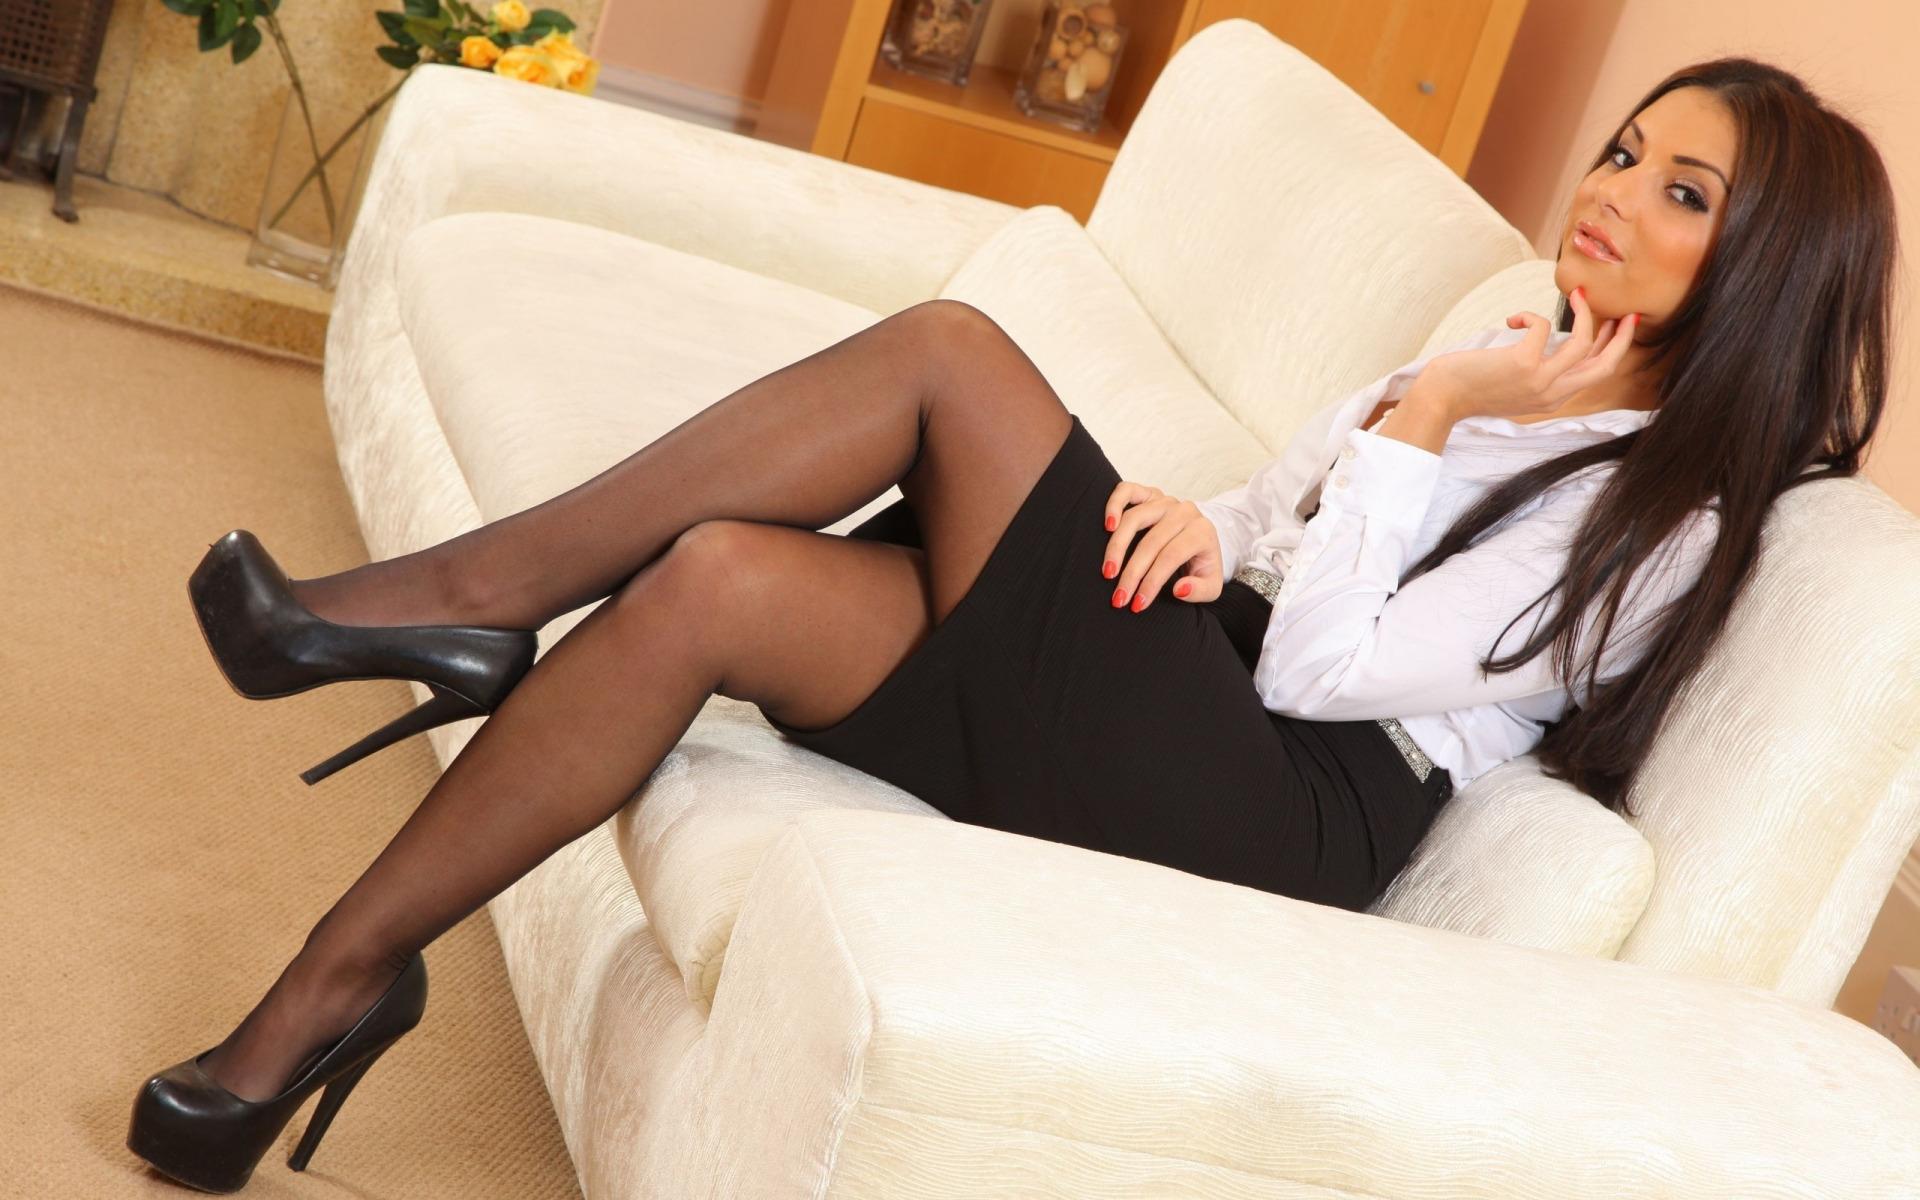 девушка одевает чулки видео - Красивые девушки в чулках